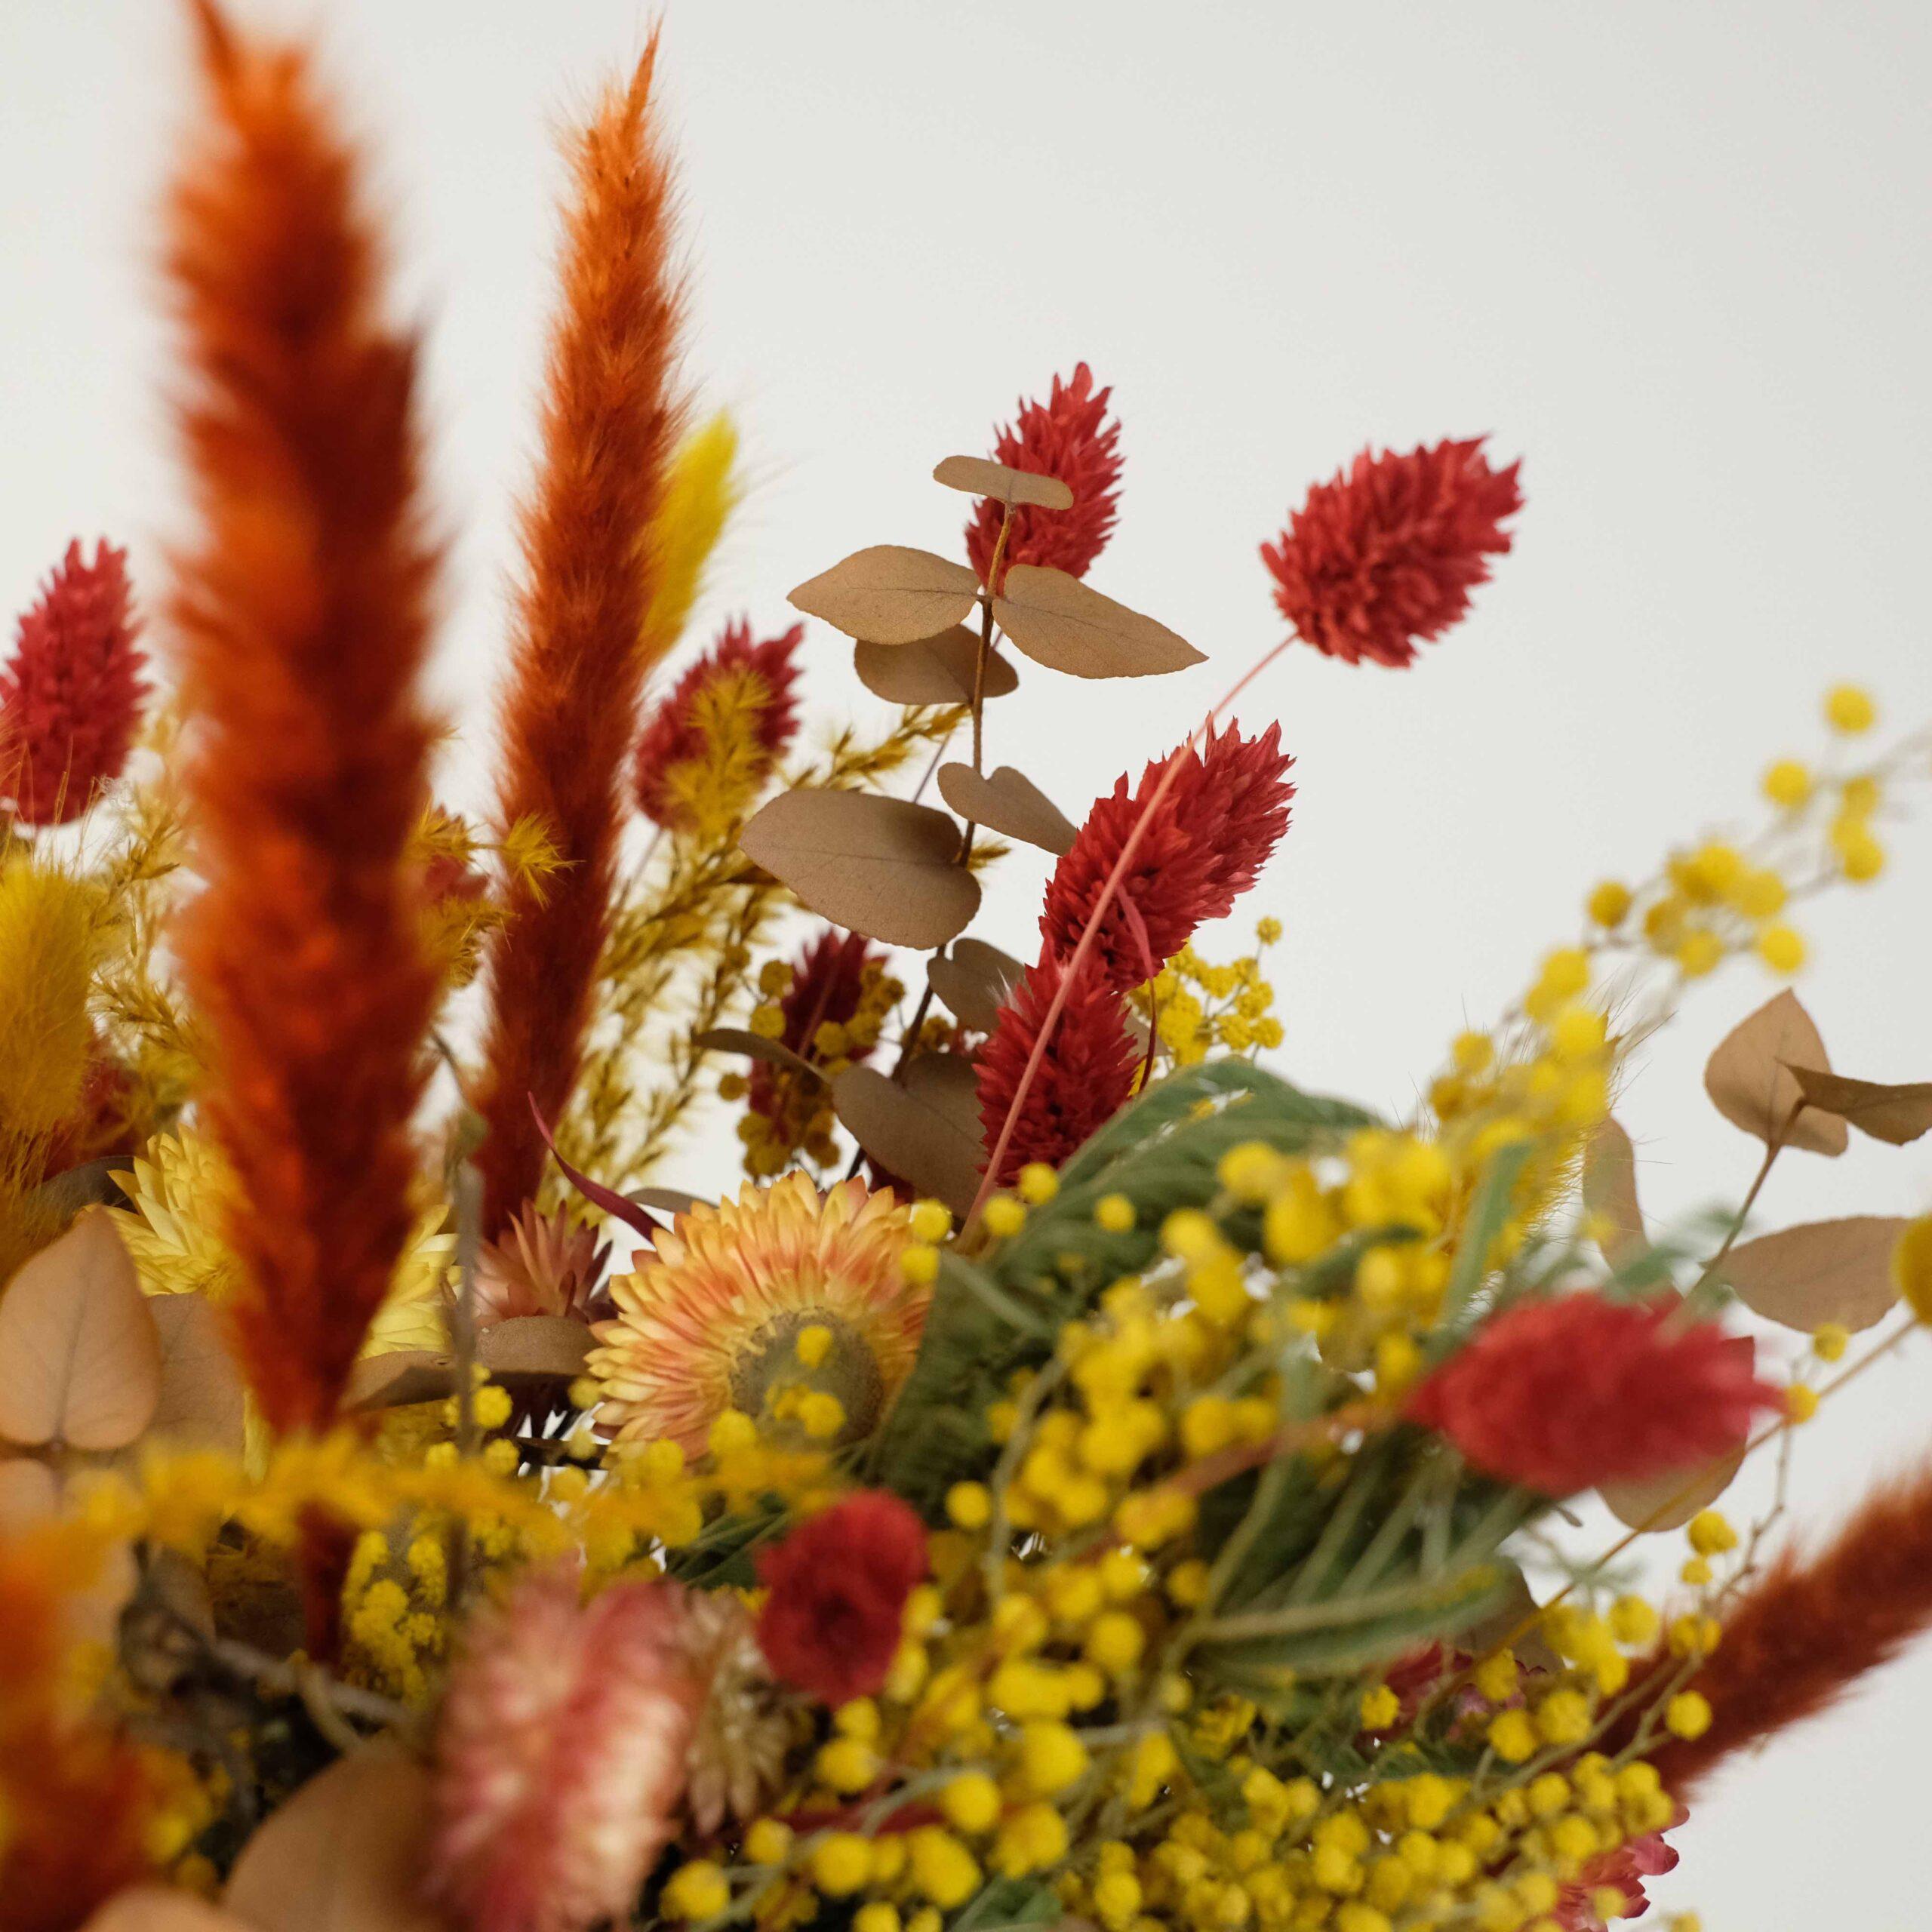 bouquet-fleurs-sechees-automne-atelier-lavarenne-fleuriste-lyon-3